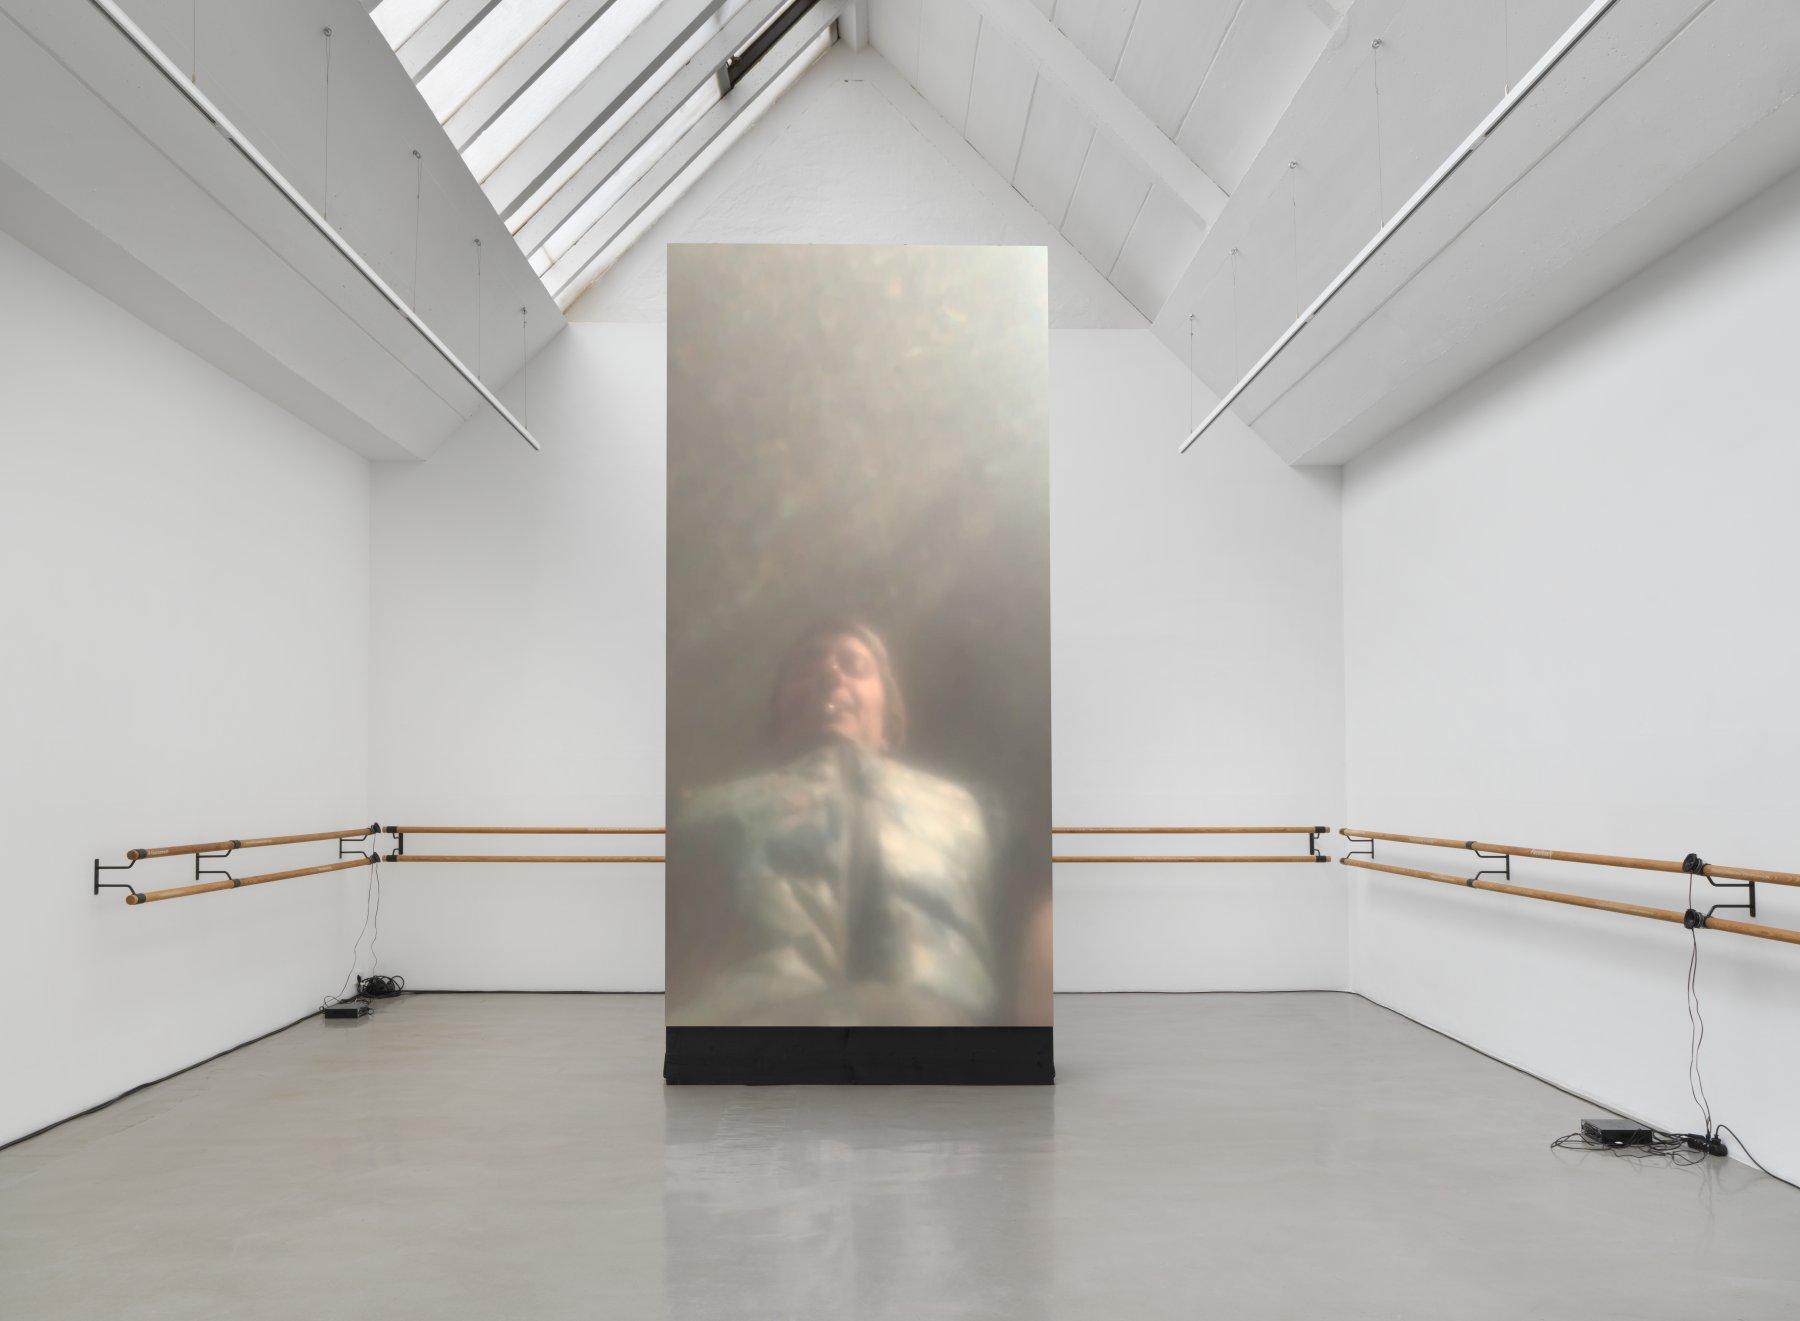 Galerie Barbara Thumm Anna K E 2